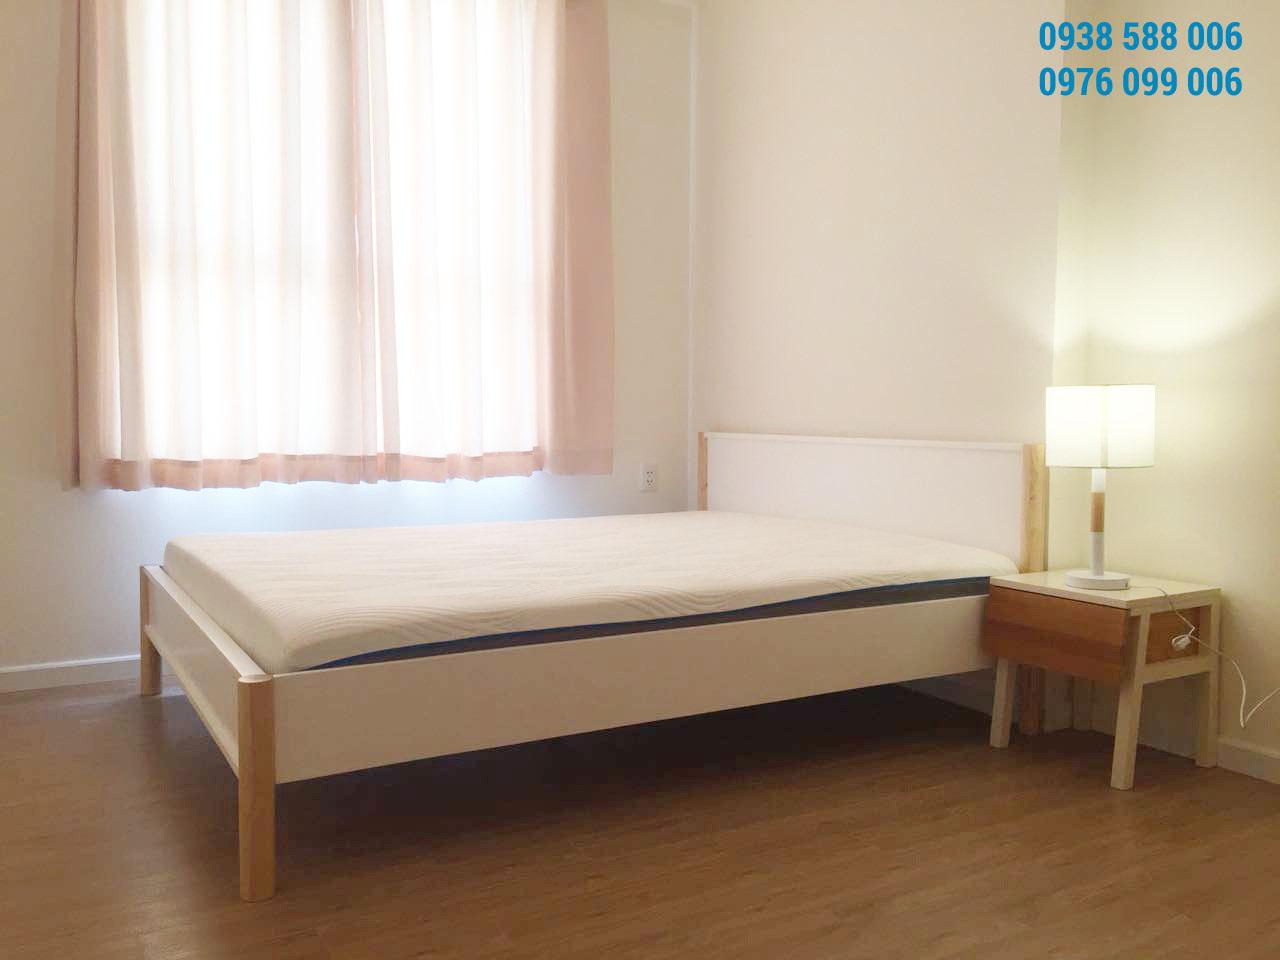 Ảnh thực tế phòng ngủ trong căn hộ M-one 2 phòng ngù cho thuê, dt 62m2.